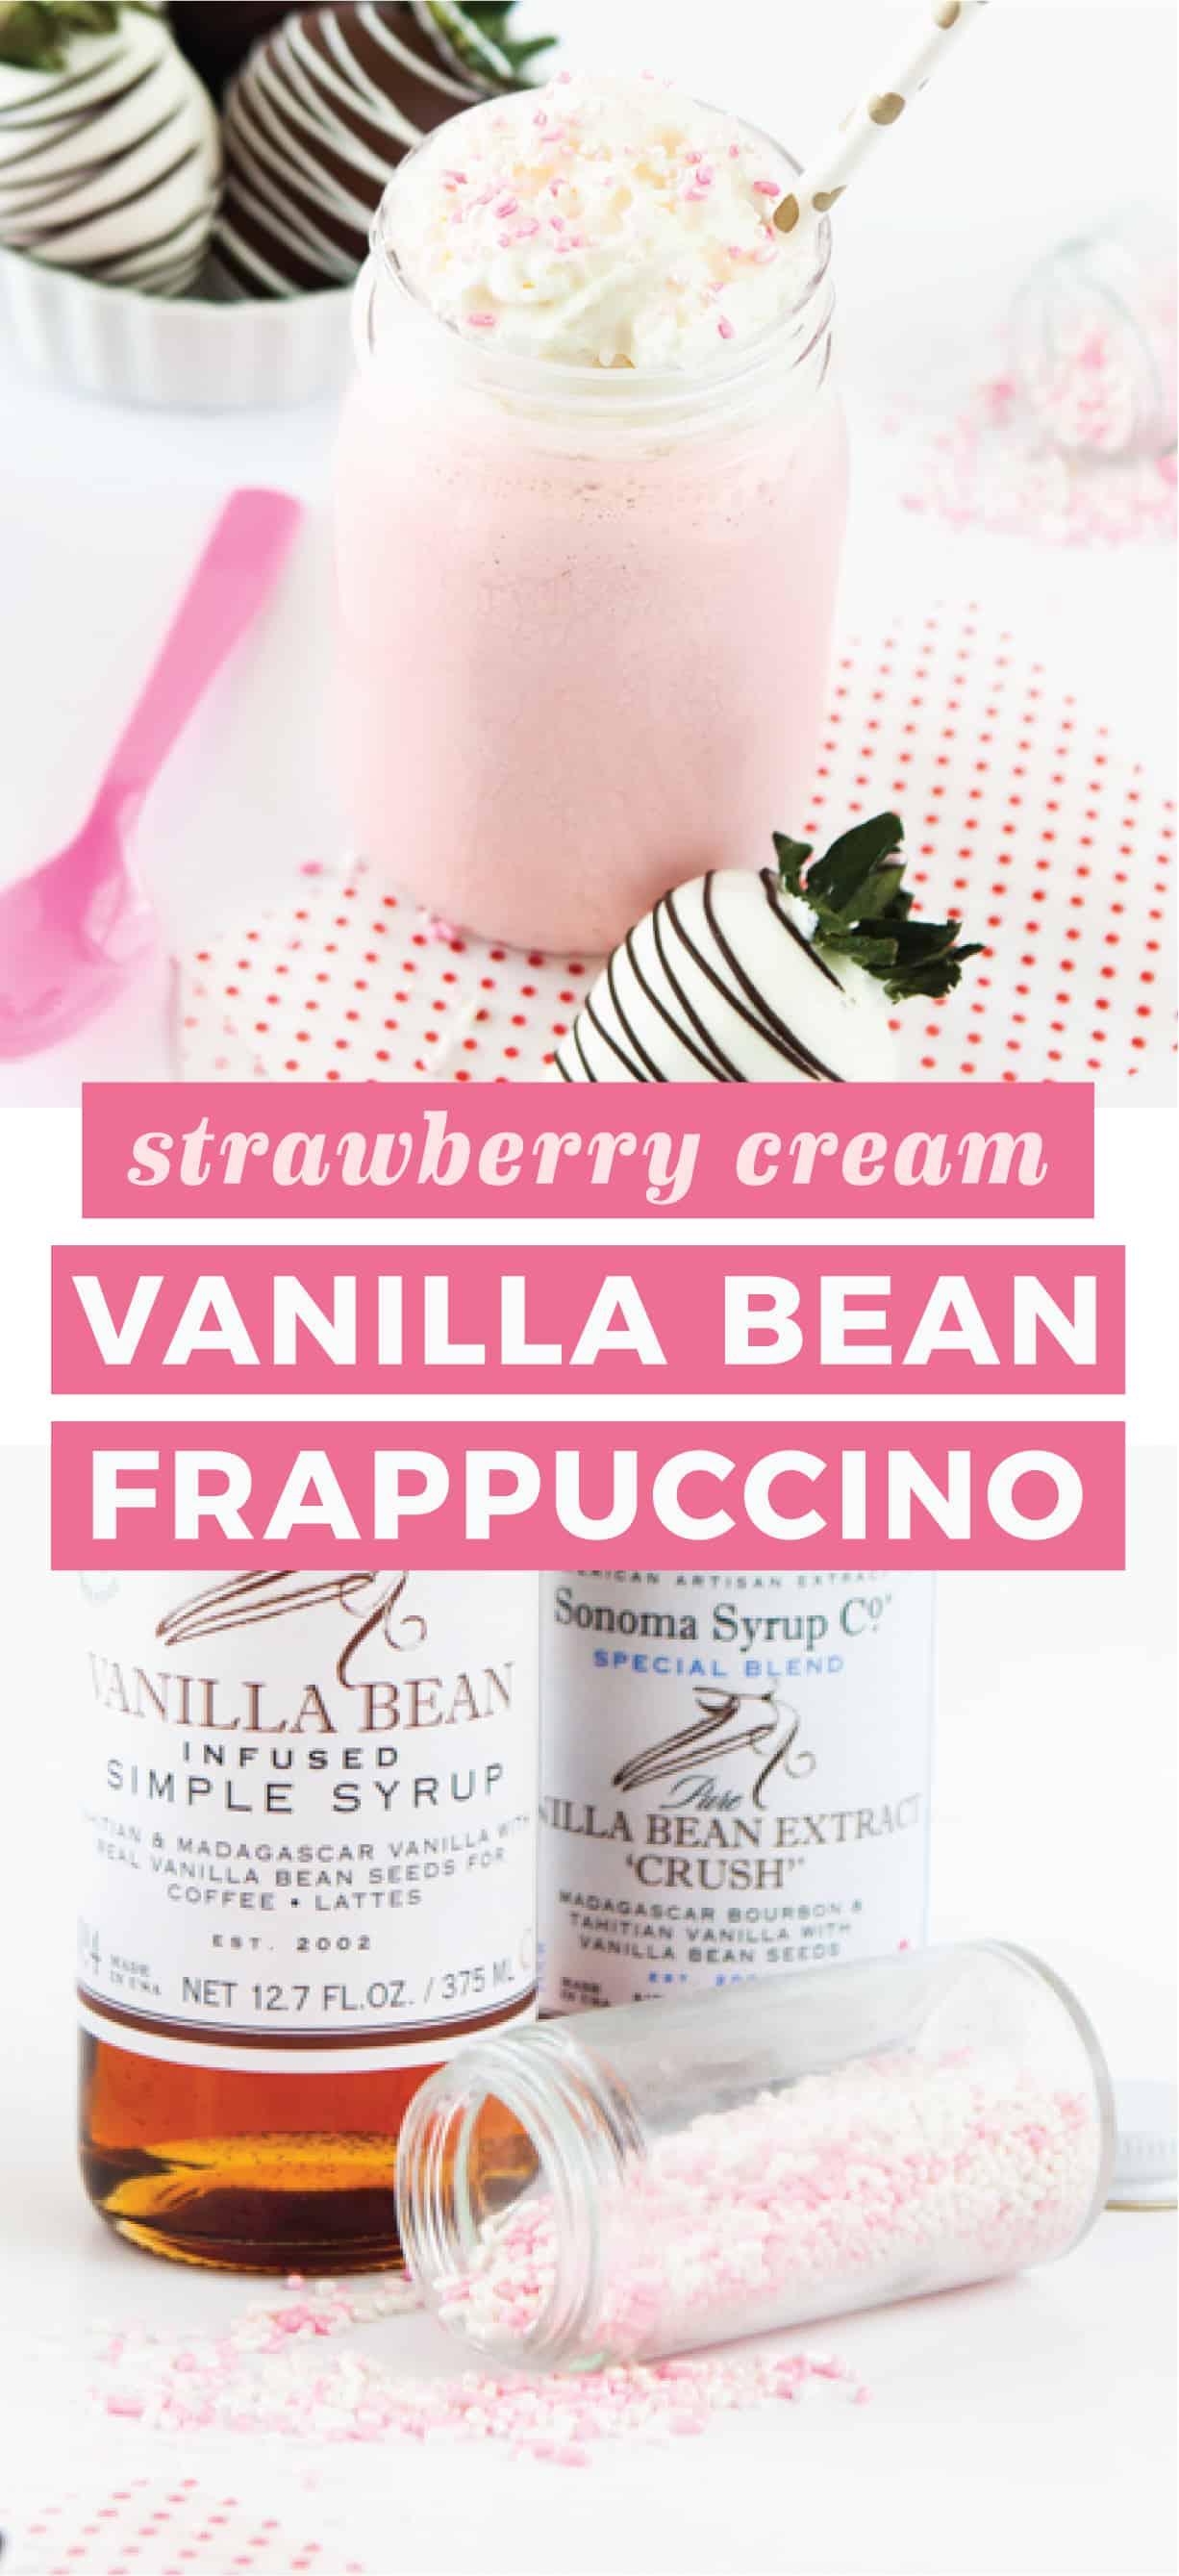 Strawberry Cream Vanilla Bean Frappuccino